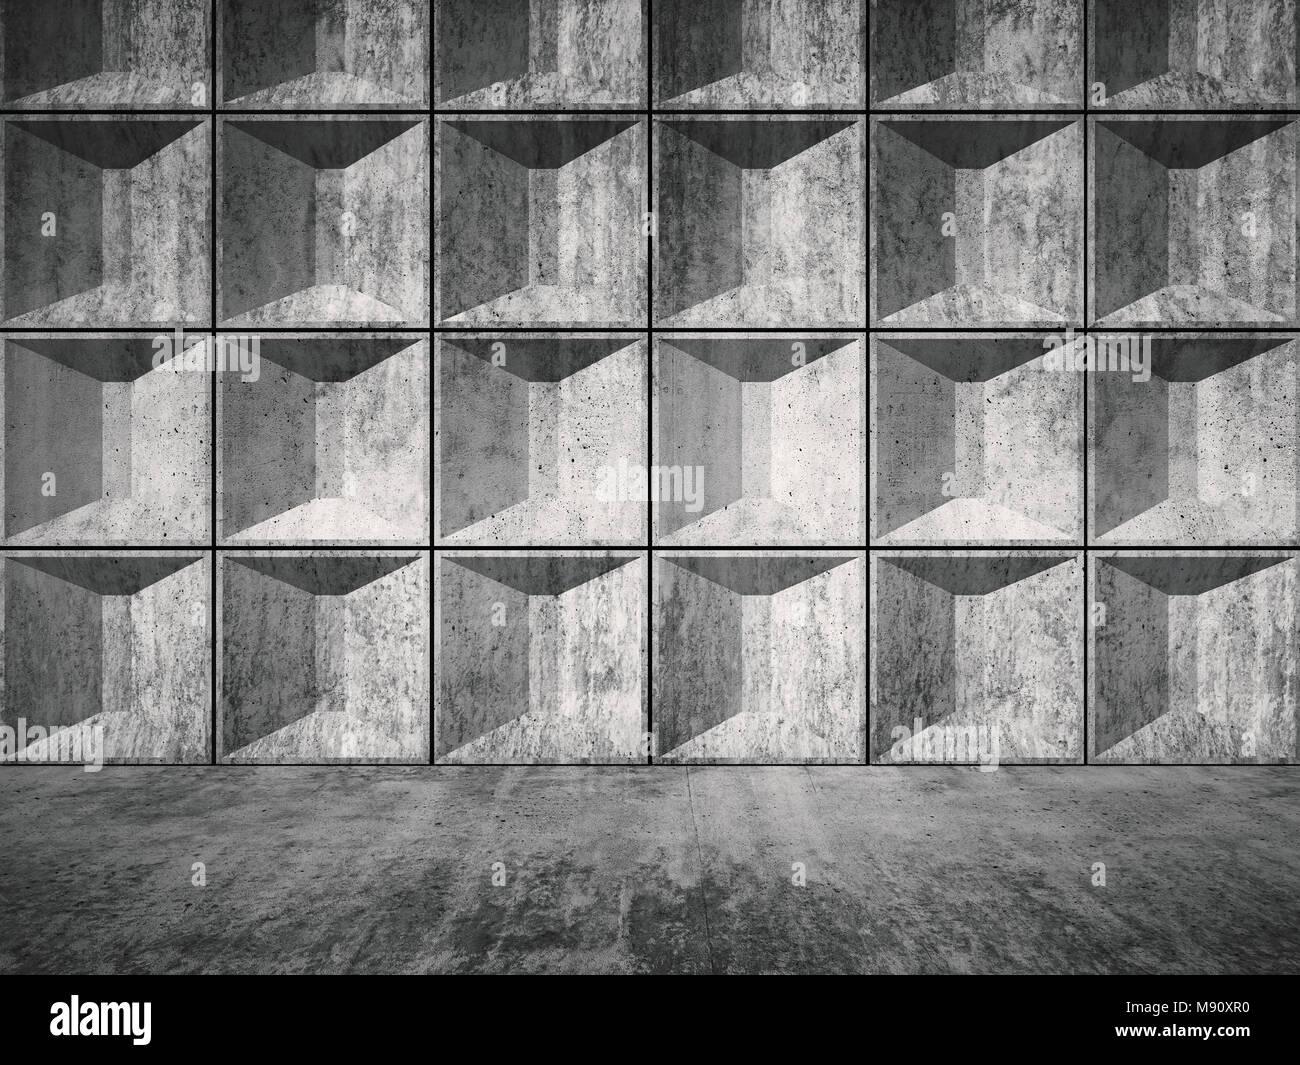 Abstract di cemento vuote sala interna con una decorazione